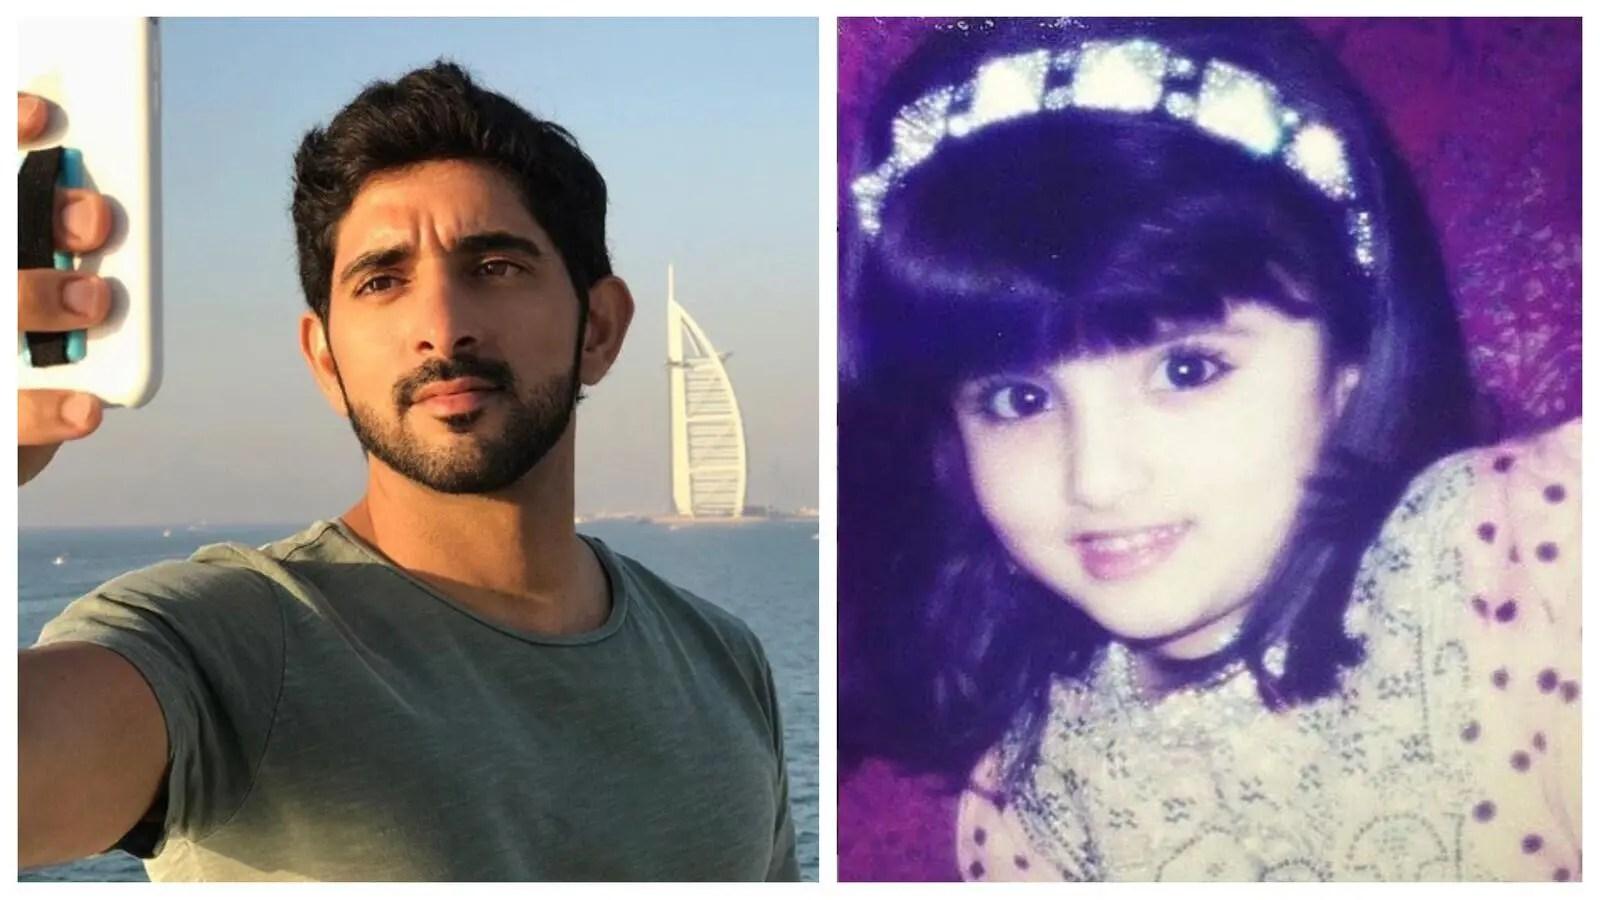 شيخة دبي المستقبلية صور زوجة الشيخ حمدان في الطفولة تجتاح